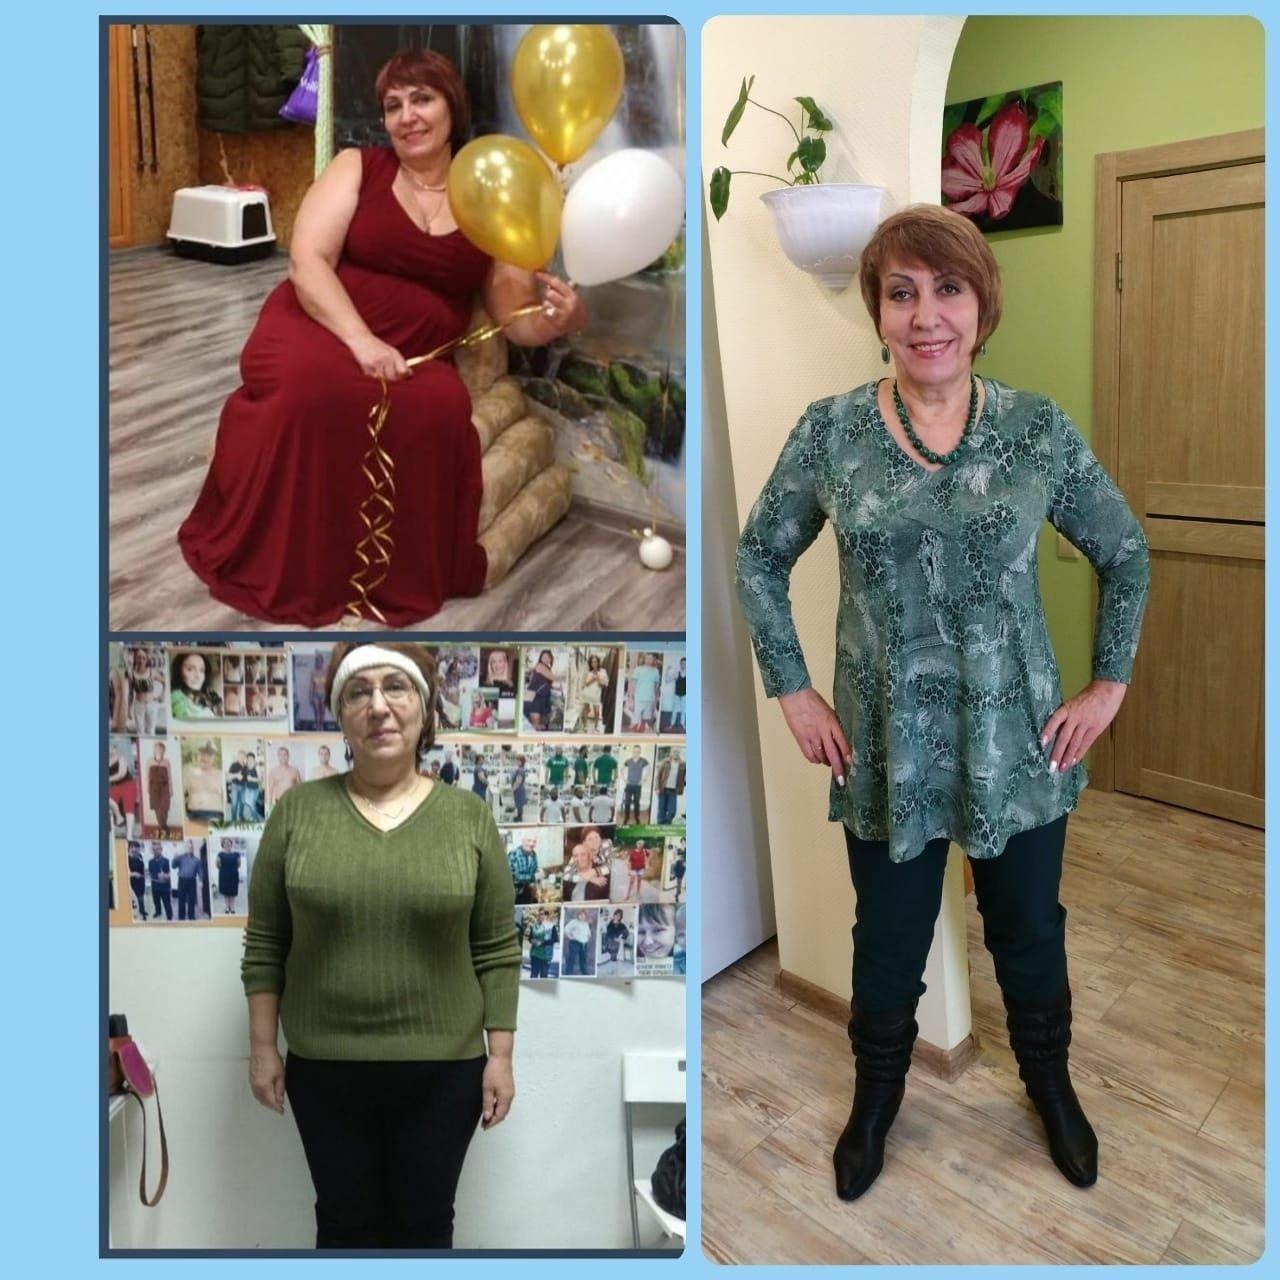 Успешные Истории Похудении. Реальные истории и фото сильно похудевших людей. Советы и отзывы о методиках похудения